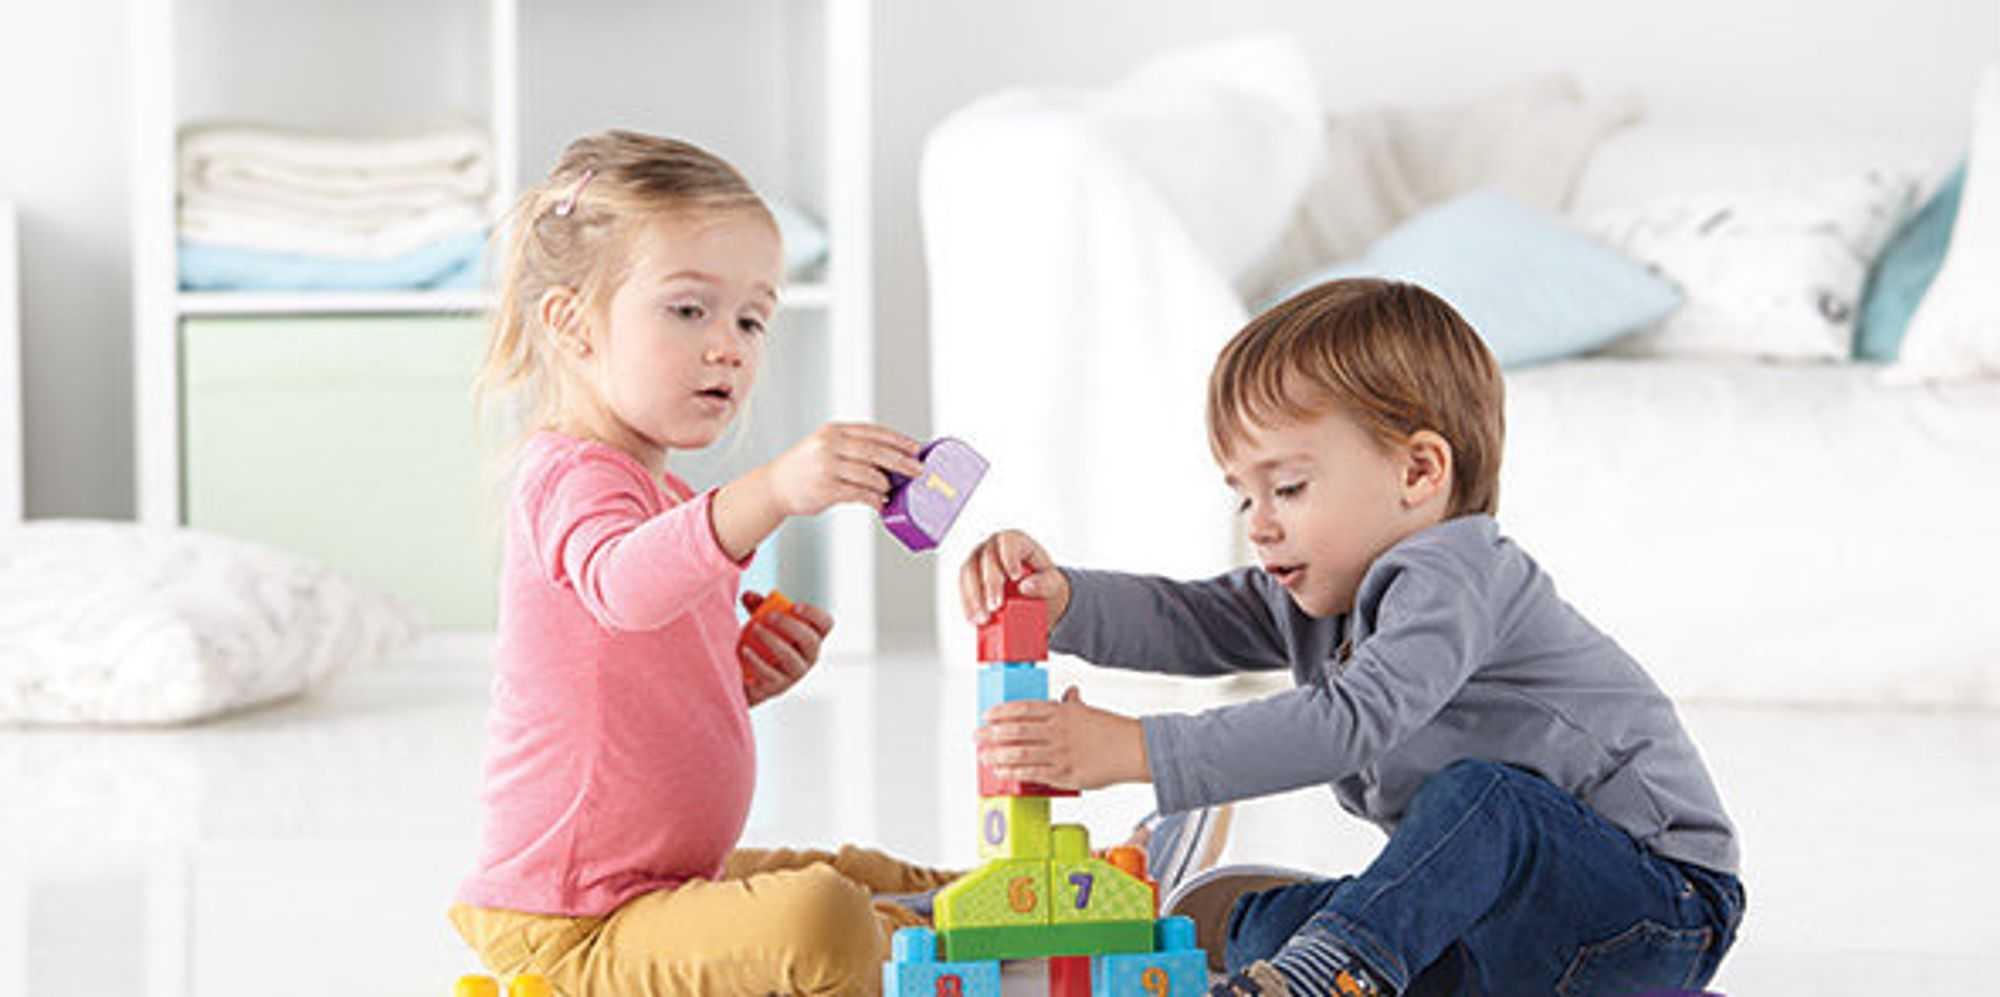 Должен ли ребенок делиться игрушками с другими детьми